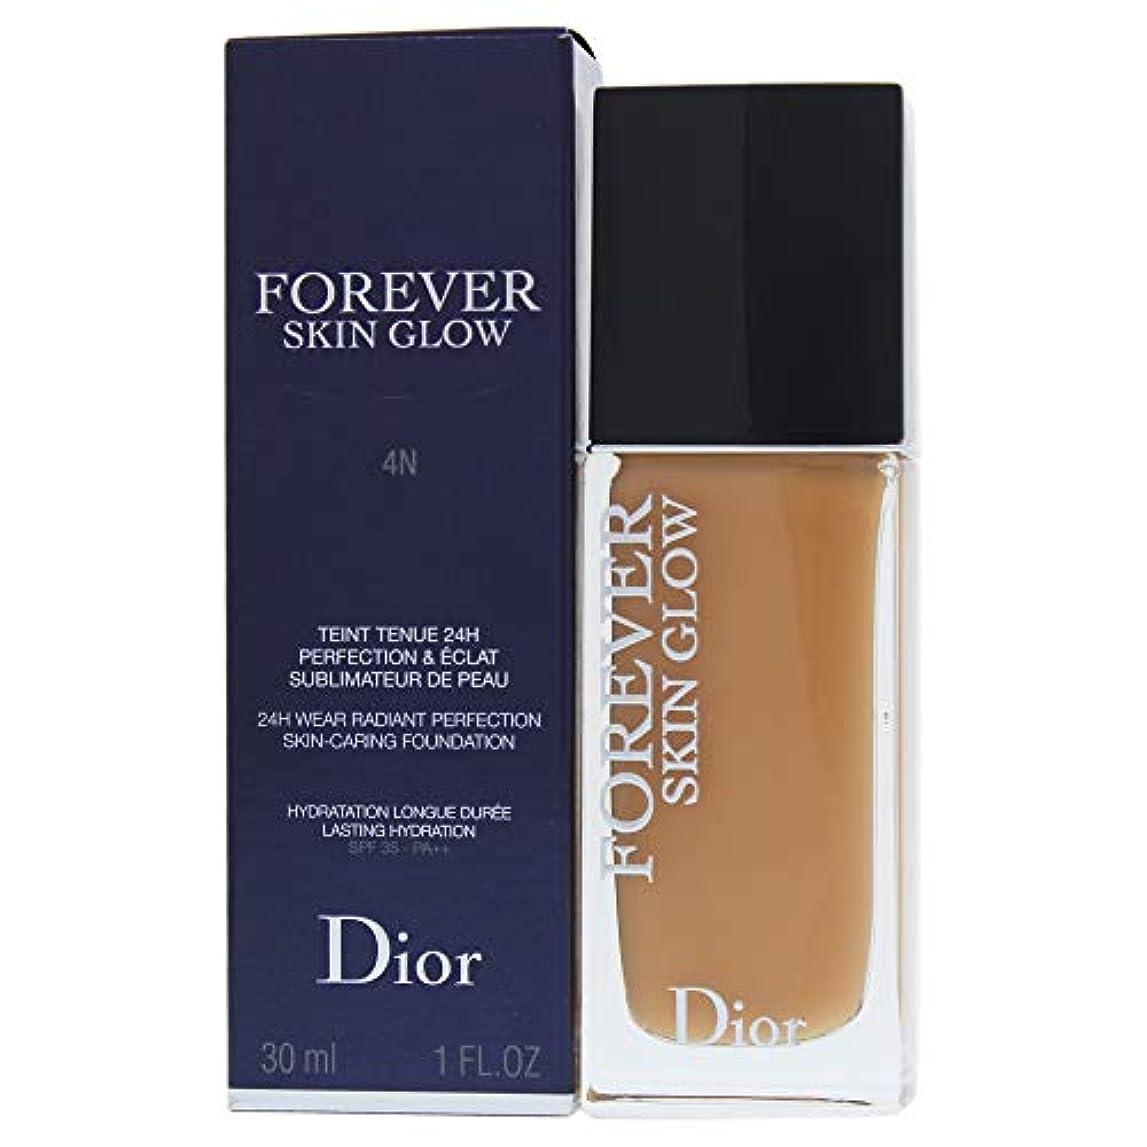 雇う外観ペットクリスチャンディオール Dior Forever Skin Glow 24H Wear High Perfection Foundation SPF 35 - # 4N (Neutral) 30ml/1oz並行輸入品